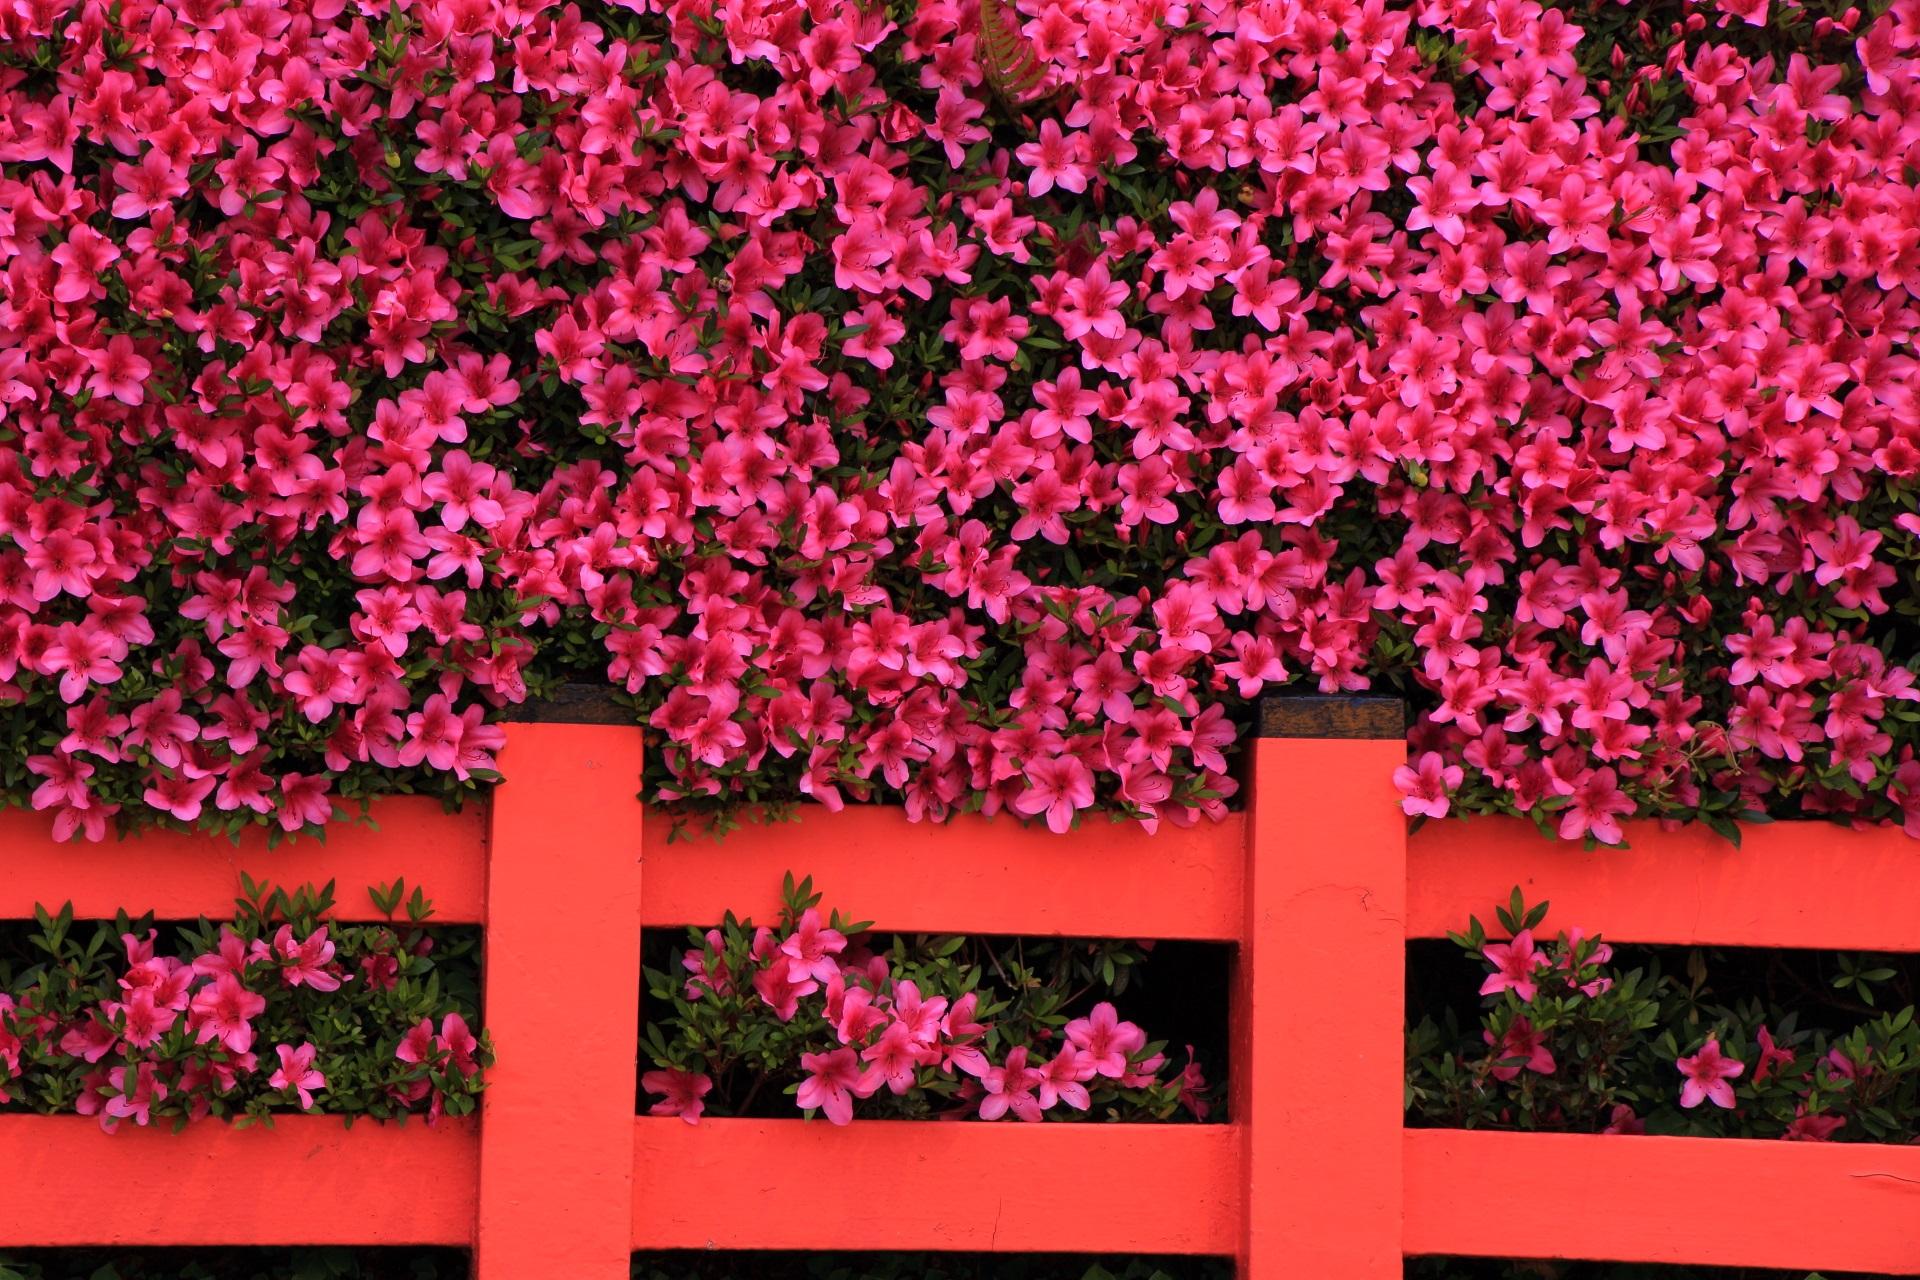 八坂神社の溢れんばかりに咲き誇る満開のさつき